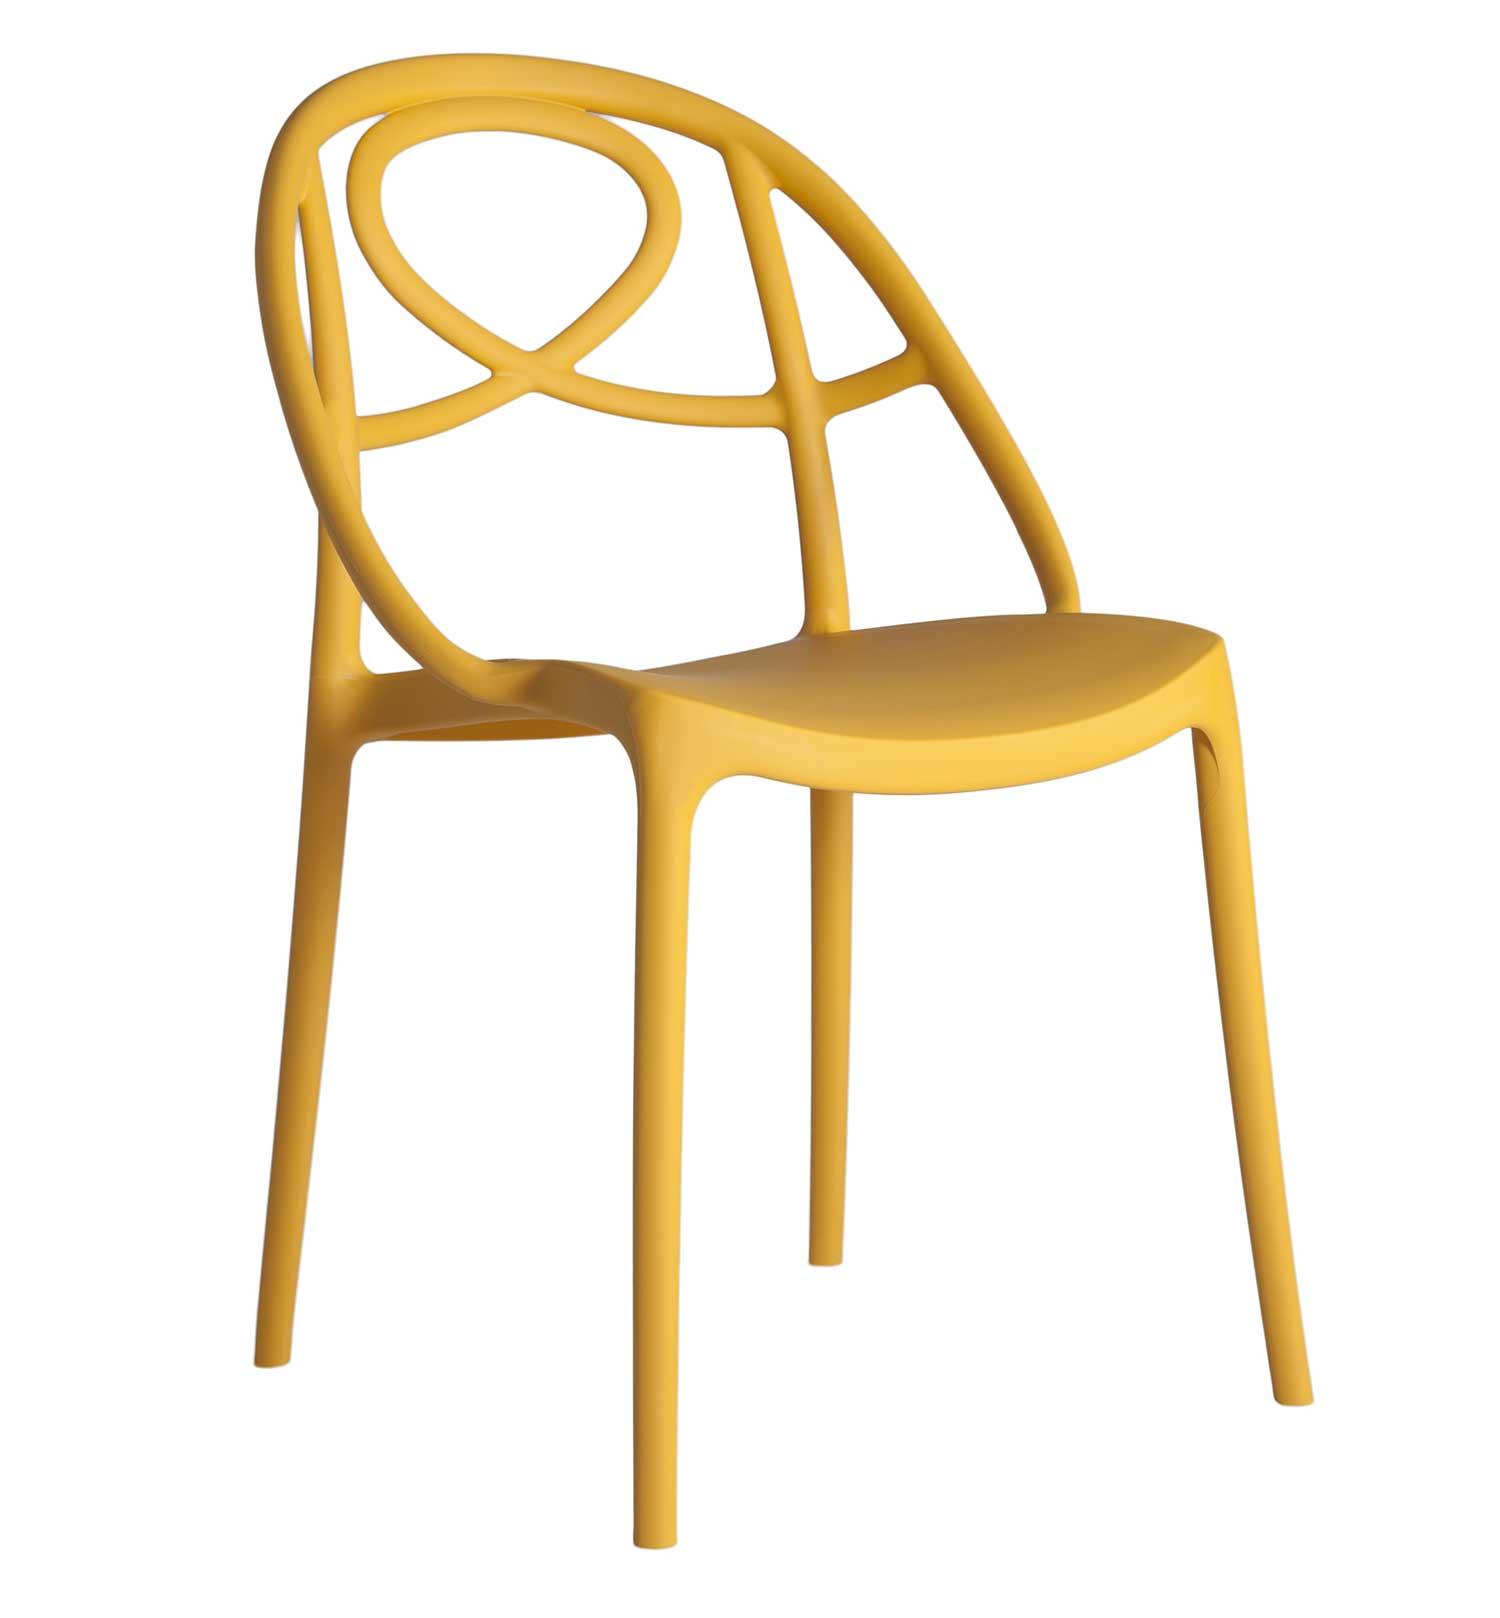 sedie per la sala da pranzo, bellezza e comodità per ricevimenti bellissimi. Arabesque Sedia In Polipropilene Italy Dream Design